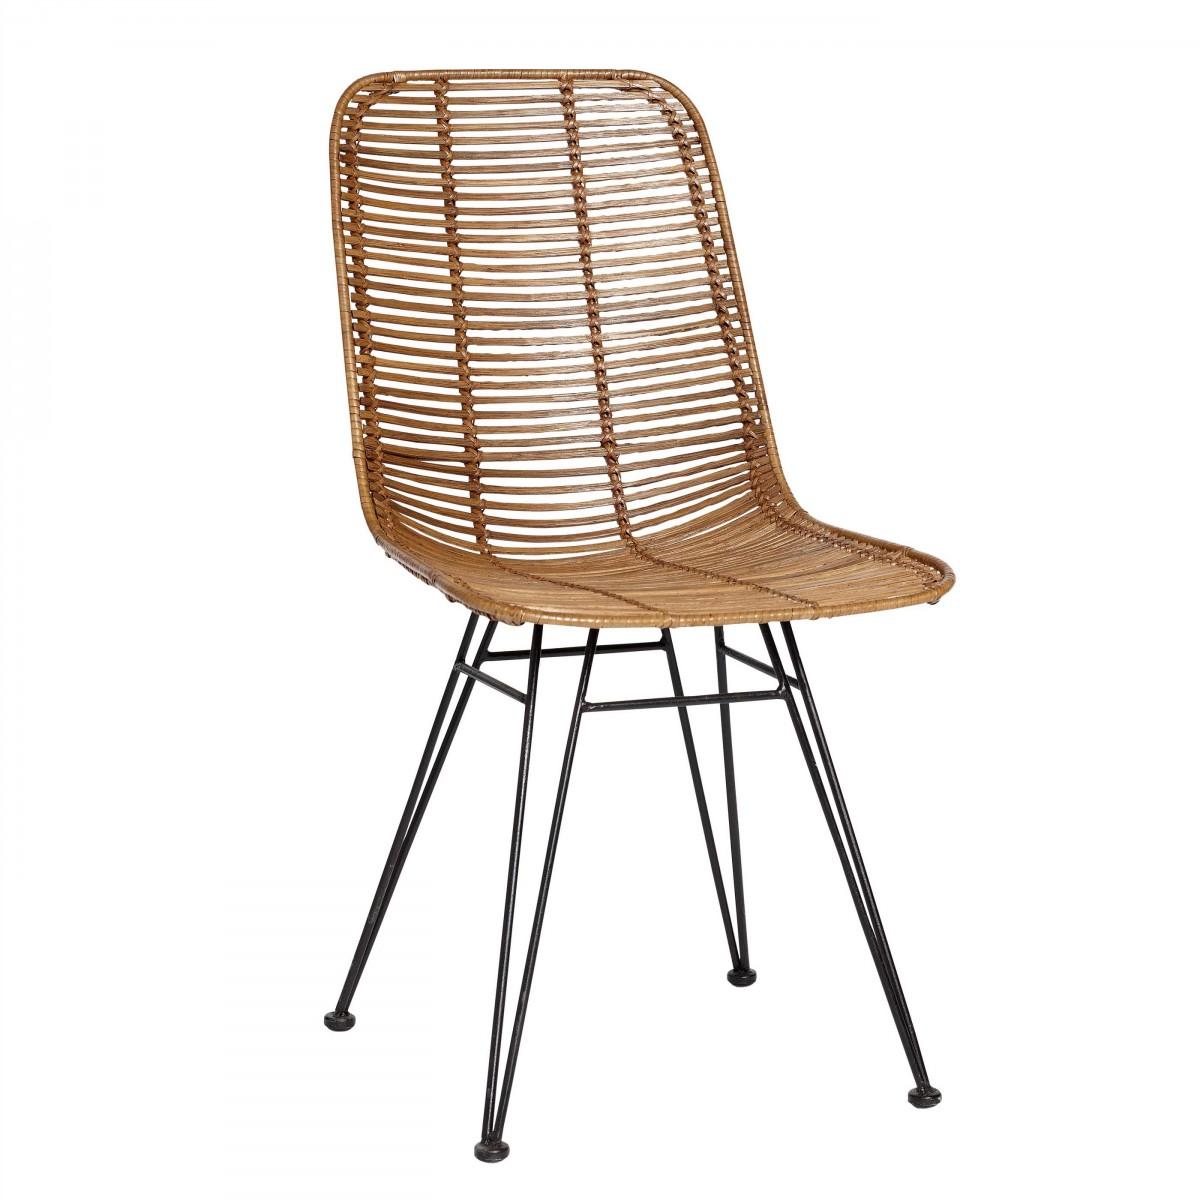 Chaise studio en rotin naturel et pieds m tal h bsch - Chaise en rotin vintage ...